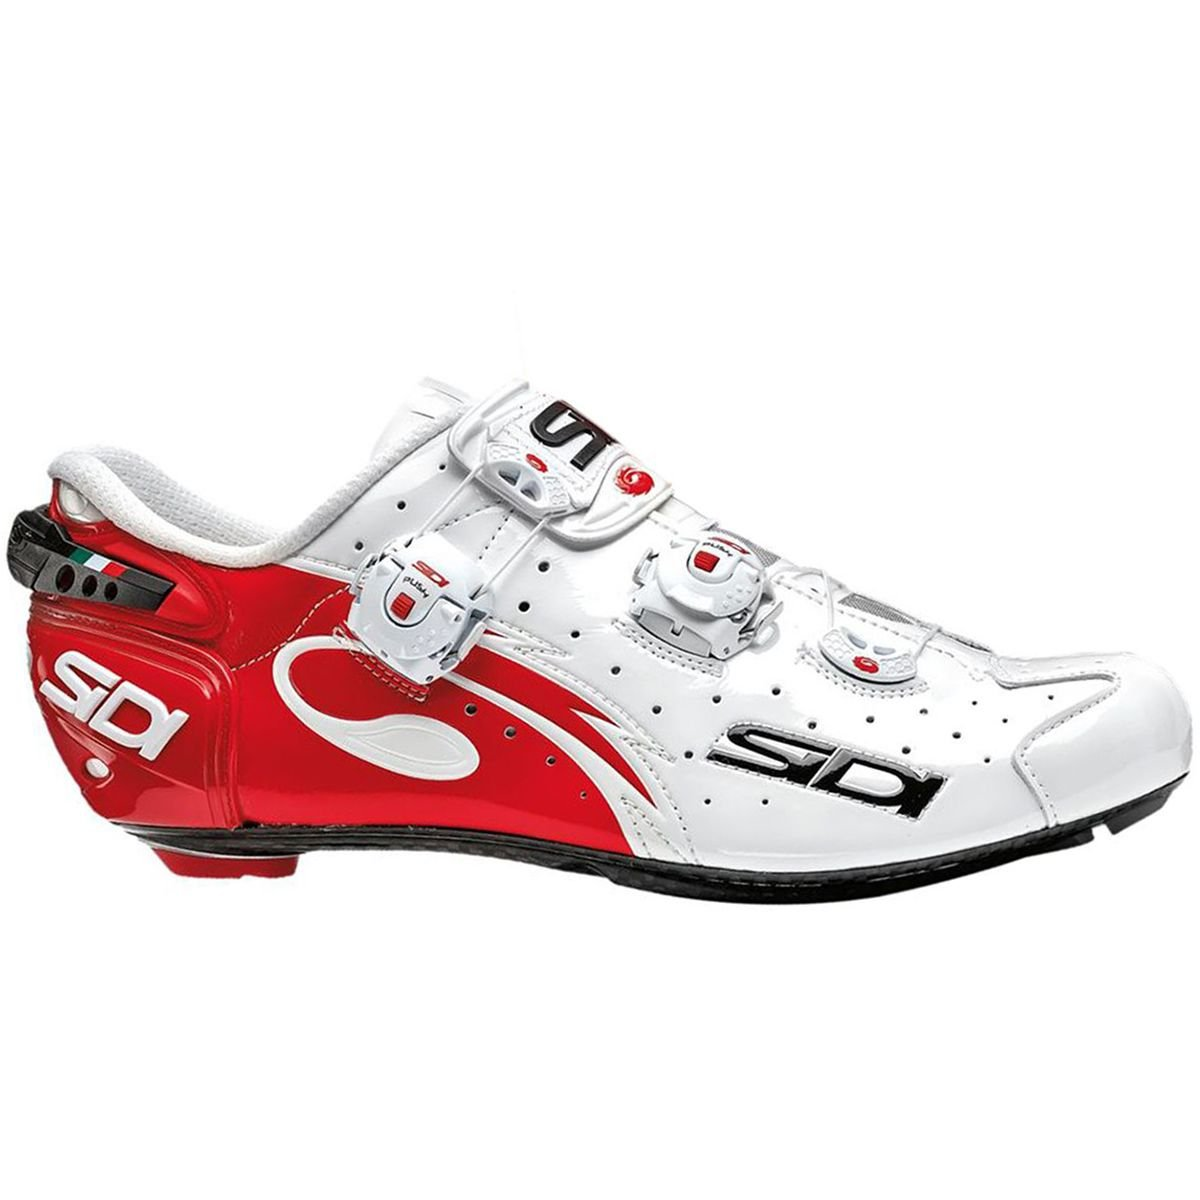 - Sidi Road Chaussures Wire Carbon Push de Course Blanc Noir Rouge 45 EU